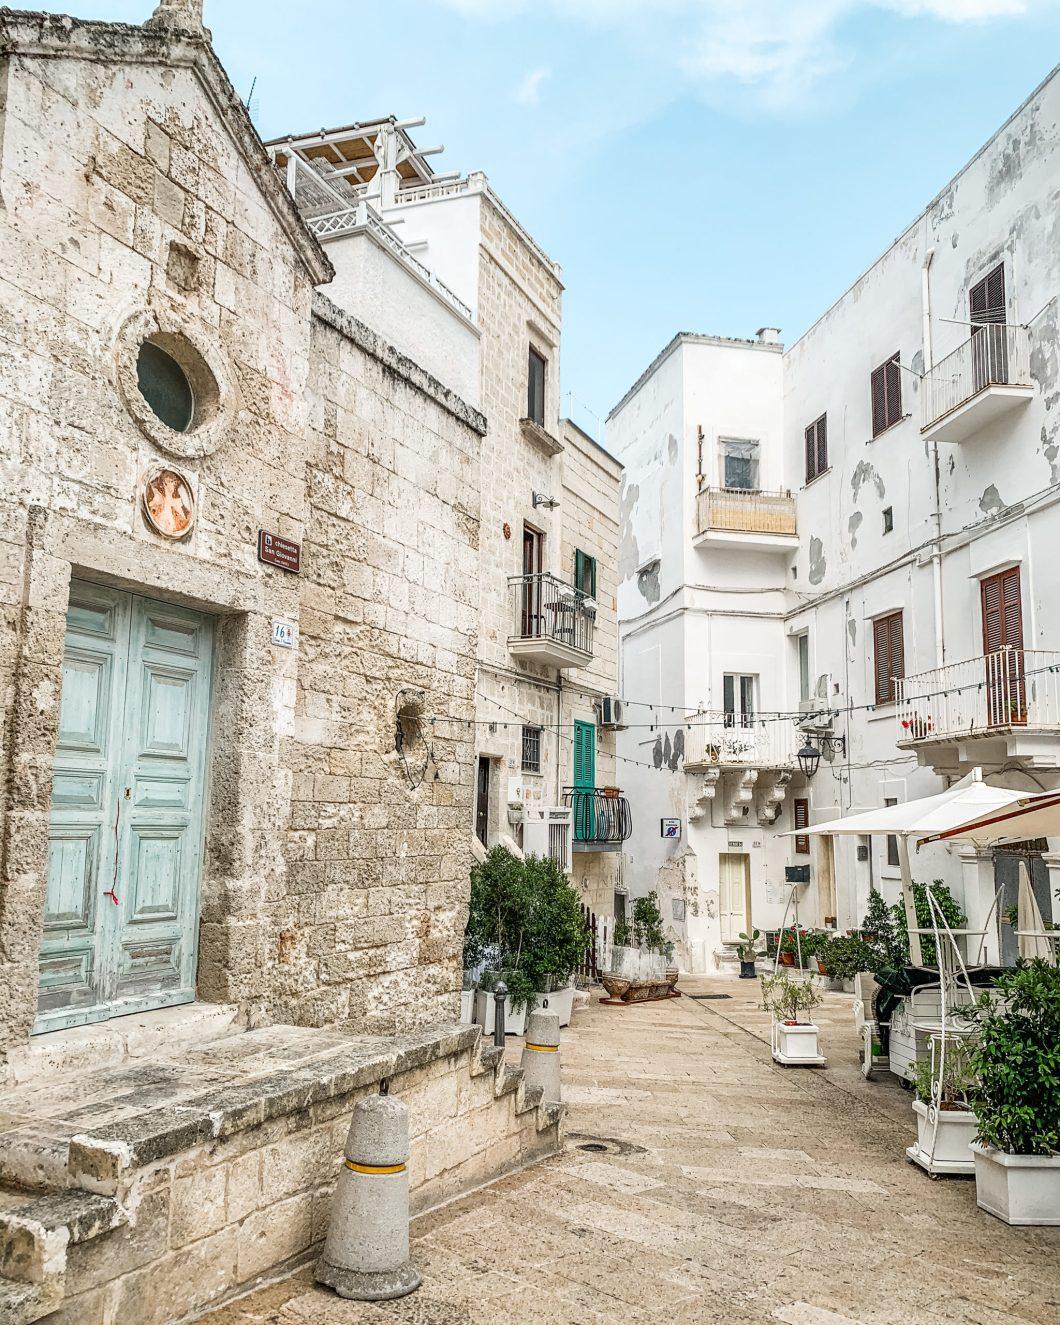 Old Town of Monopoli - Puglia